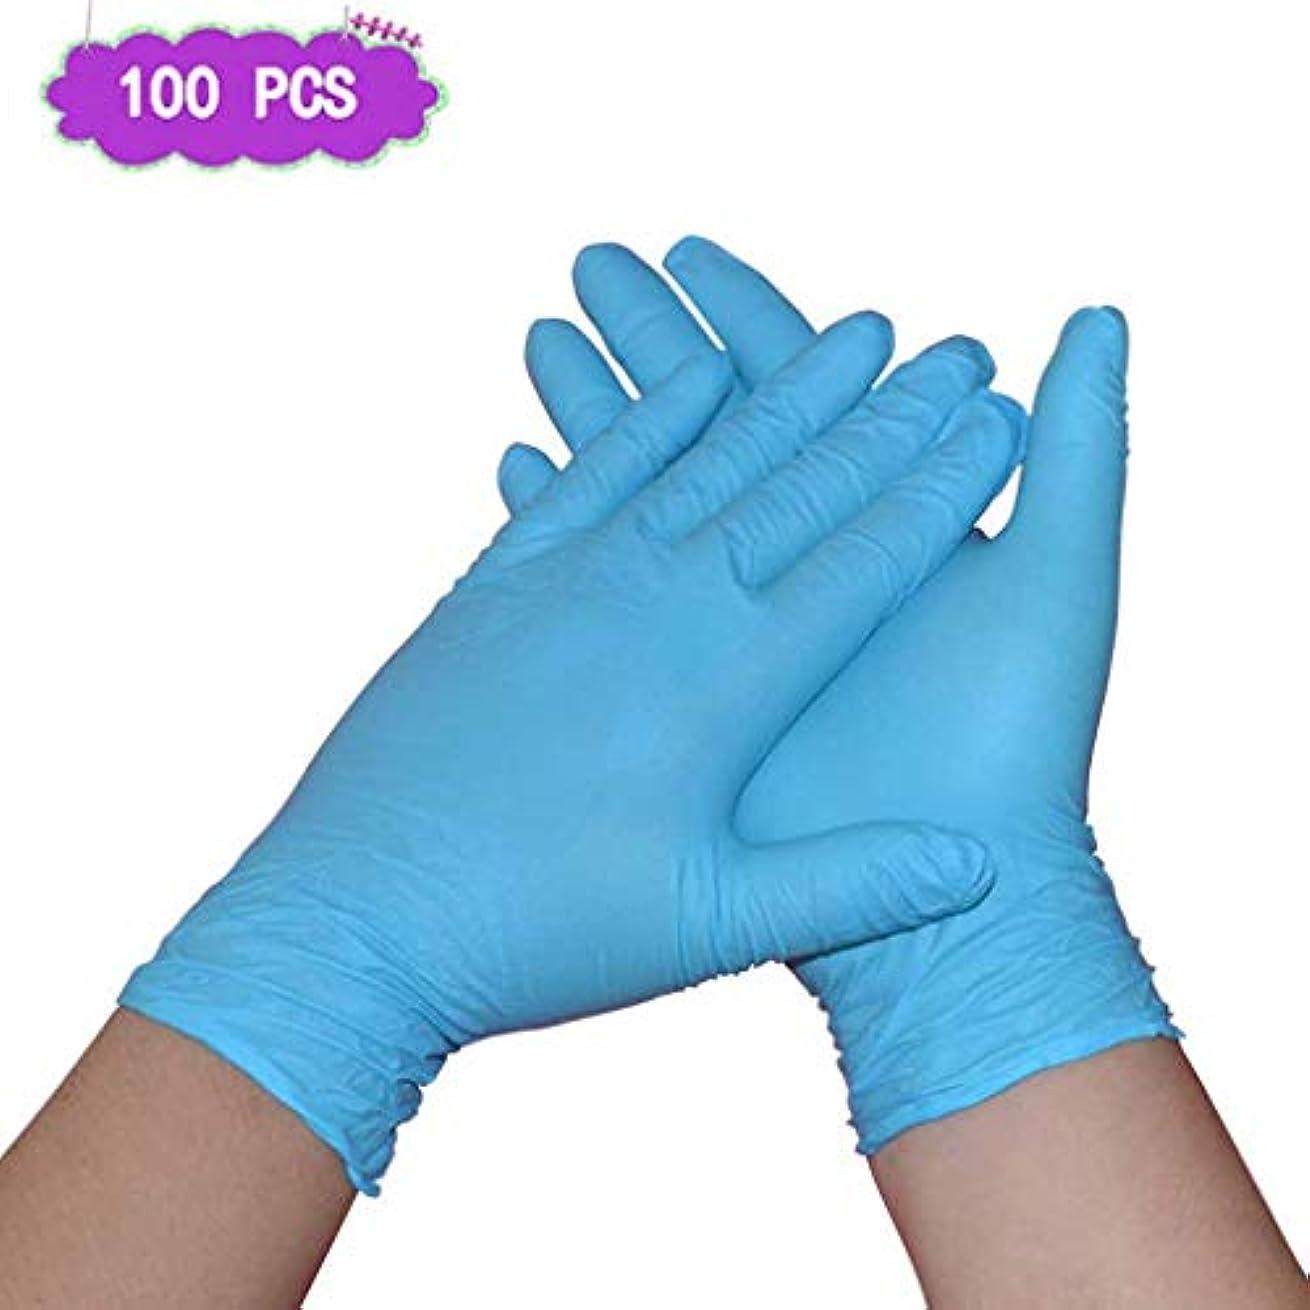 薄める申請中レポートを書くニトリル手袋9インチ厚い青いラテックスゴム家事美防水酸とアルカリの義務試験手袋|病院、法執行機関向けのプロフェッショナルグレード (Size : L)